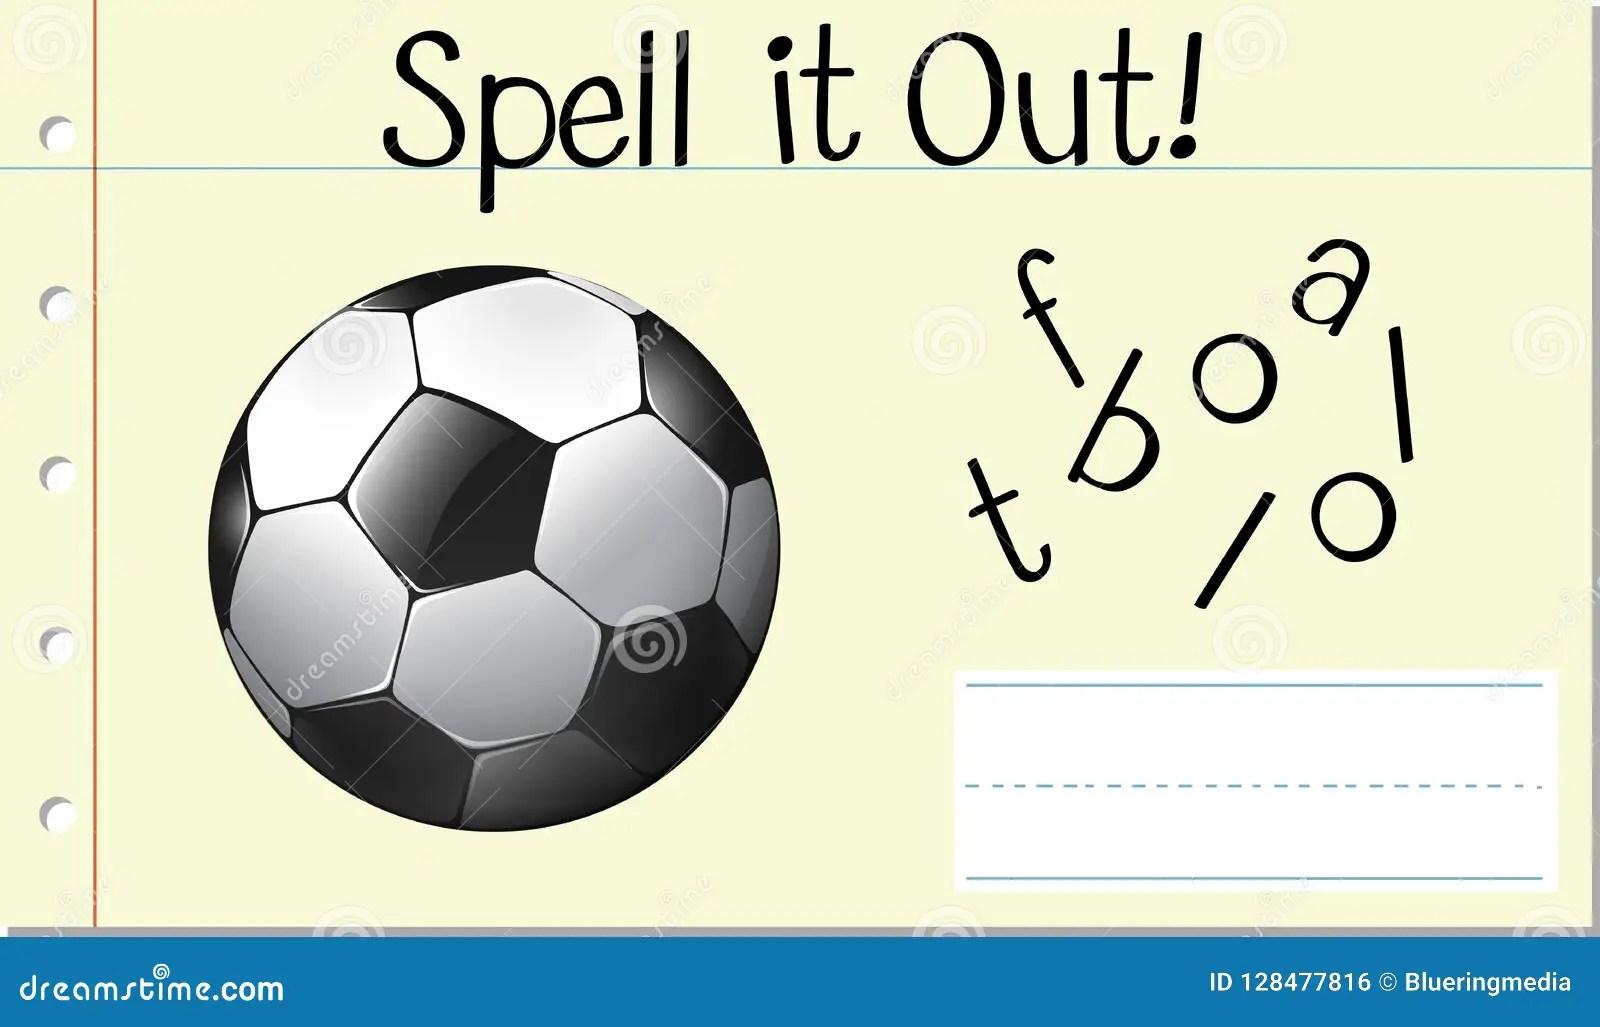 Spell English Word Football Stock Vector